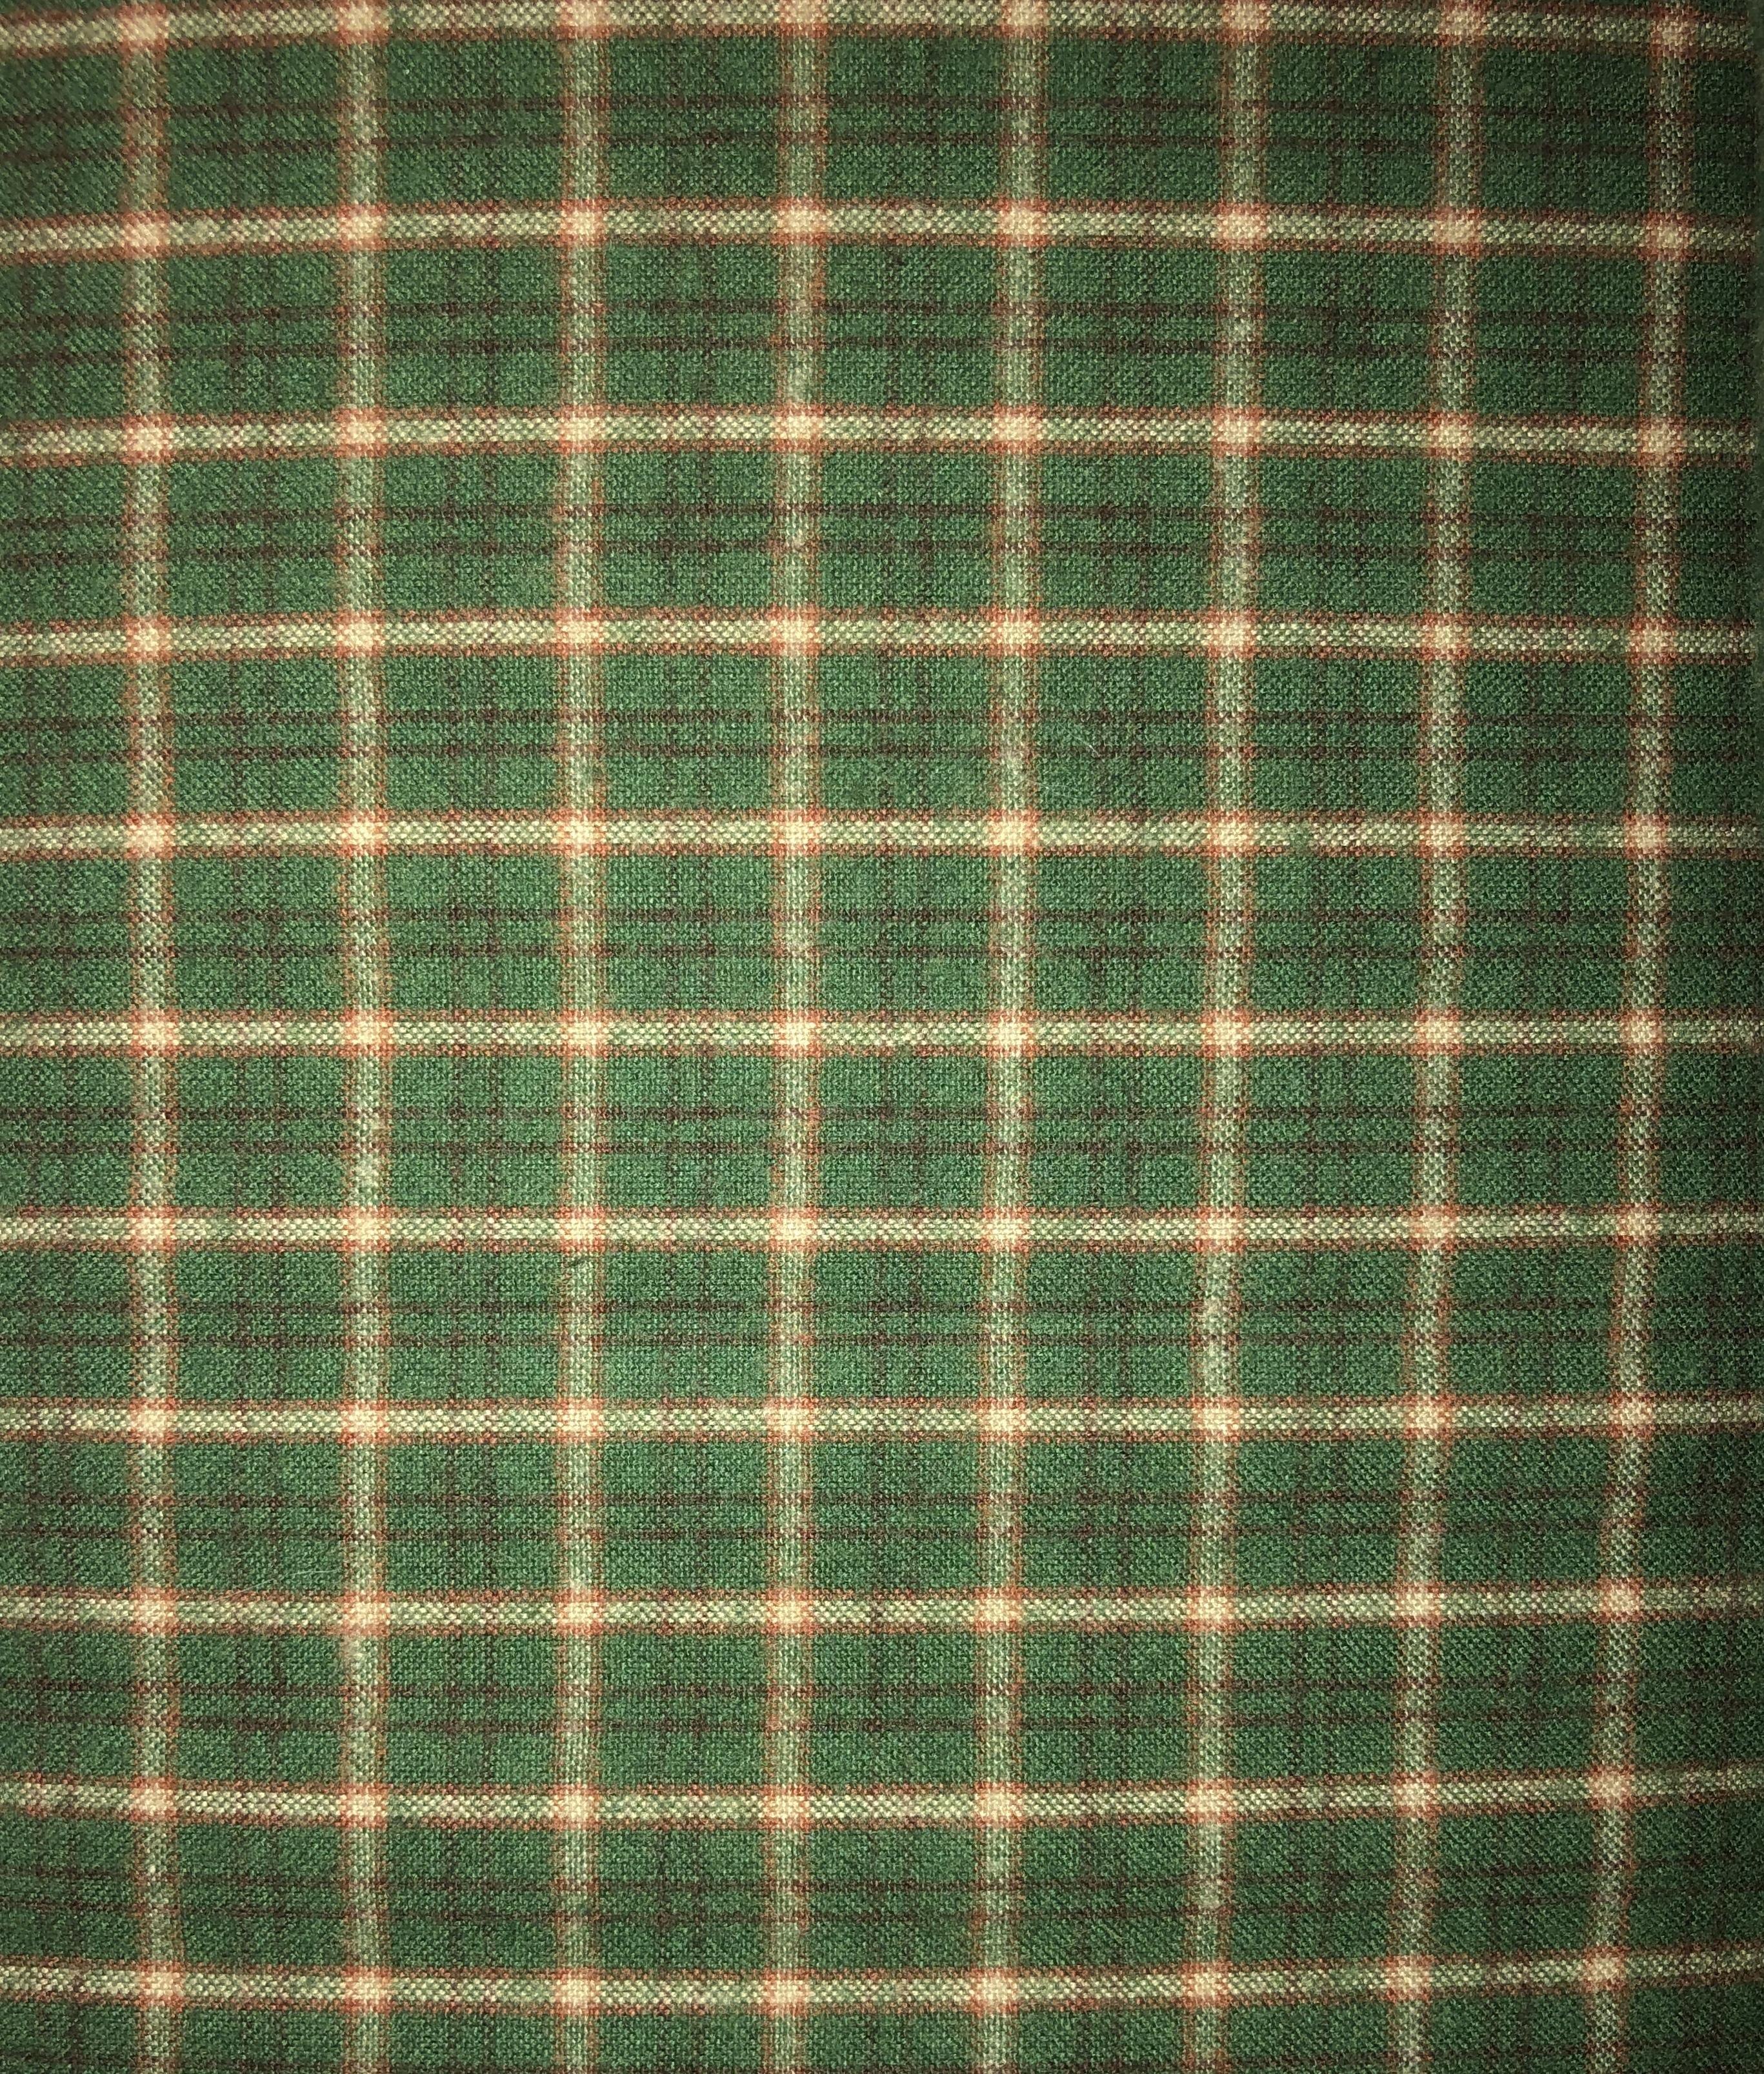 Yarn Dyed Flannel - Green & Red Plaid - 1/2m cut 55168